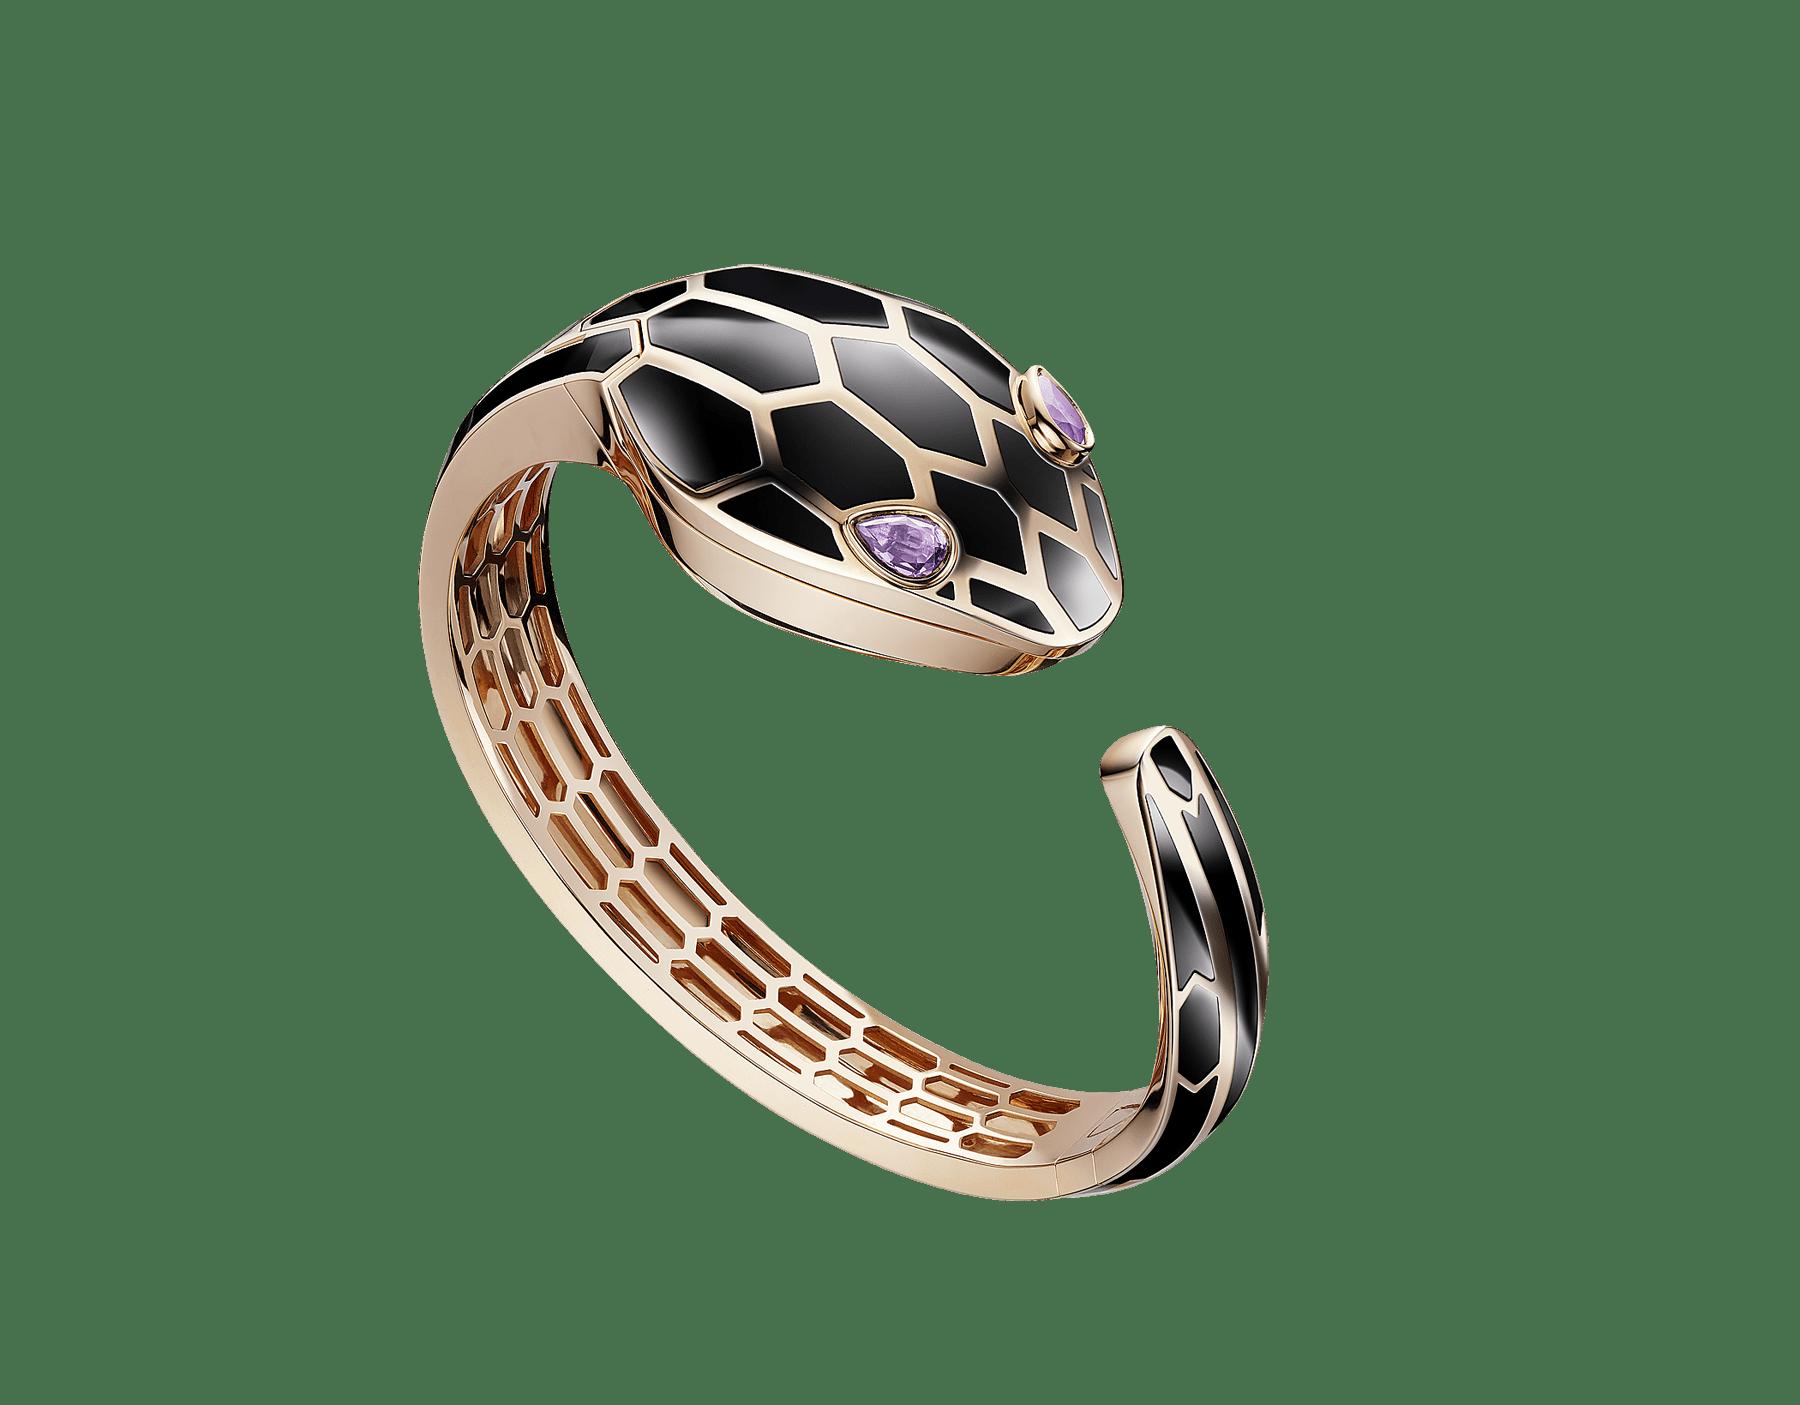 Montre à secret Serpenti Misteriosi avec boîtier et bracelet jonc en or rose 18K recouverts de laque noire, cadran laqué noir et yeux en améthyste taille poire. SrpntSecretWtc-rose-gold image 7